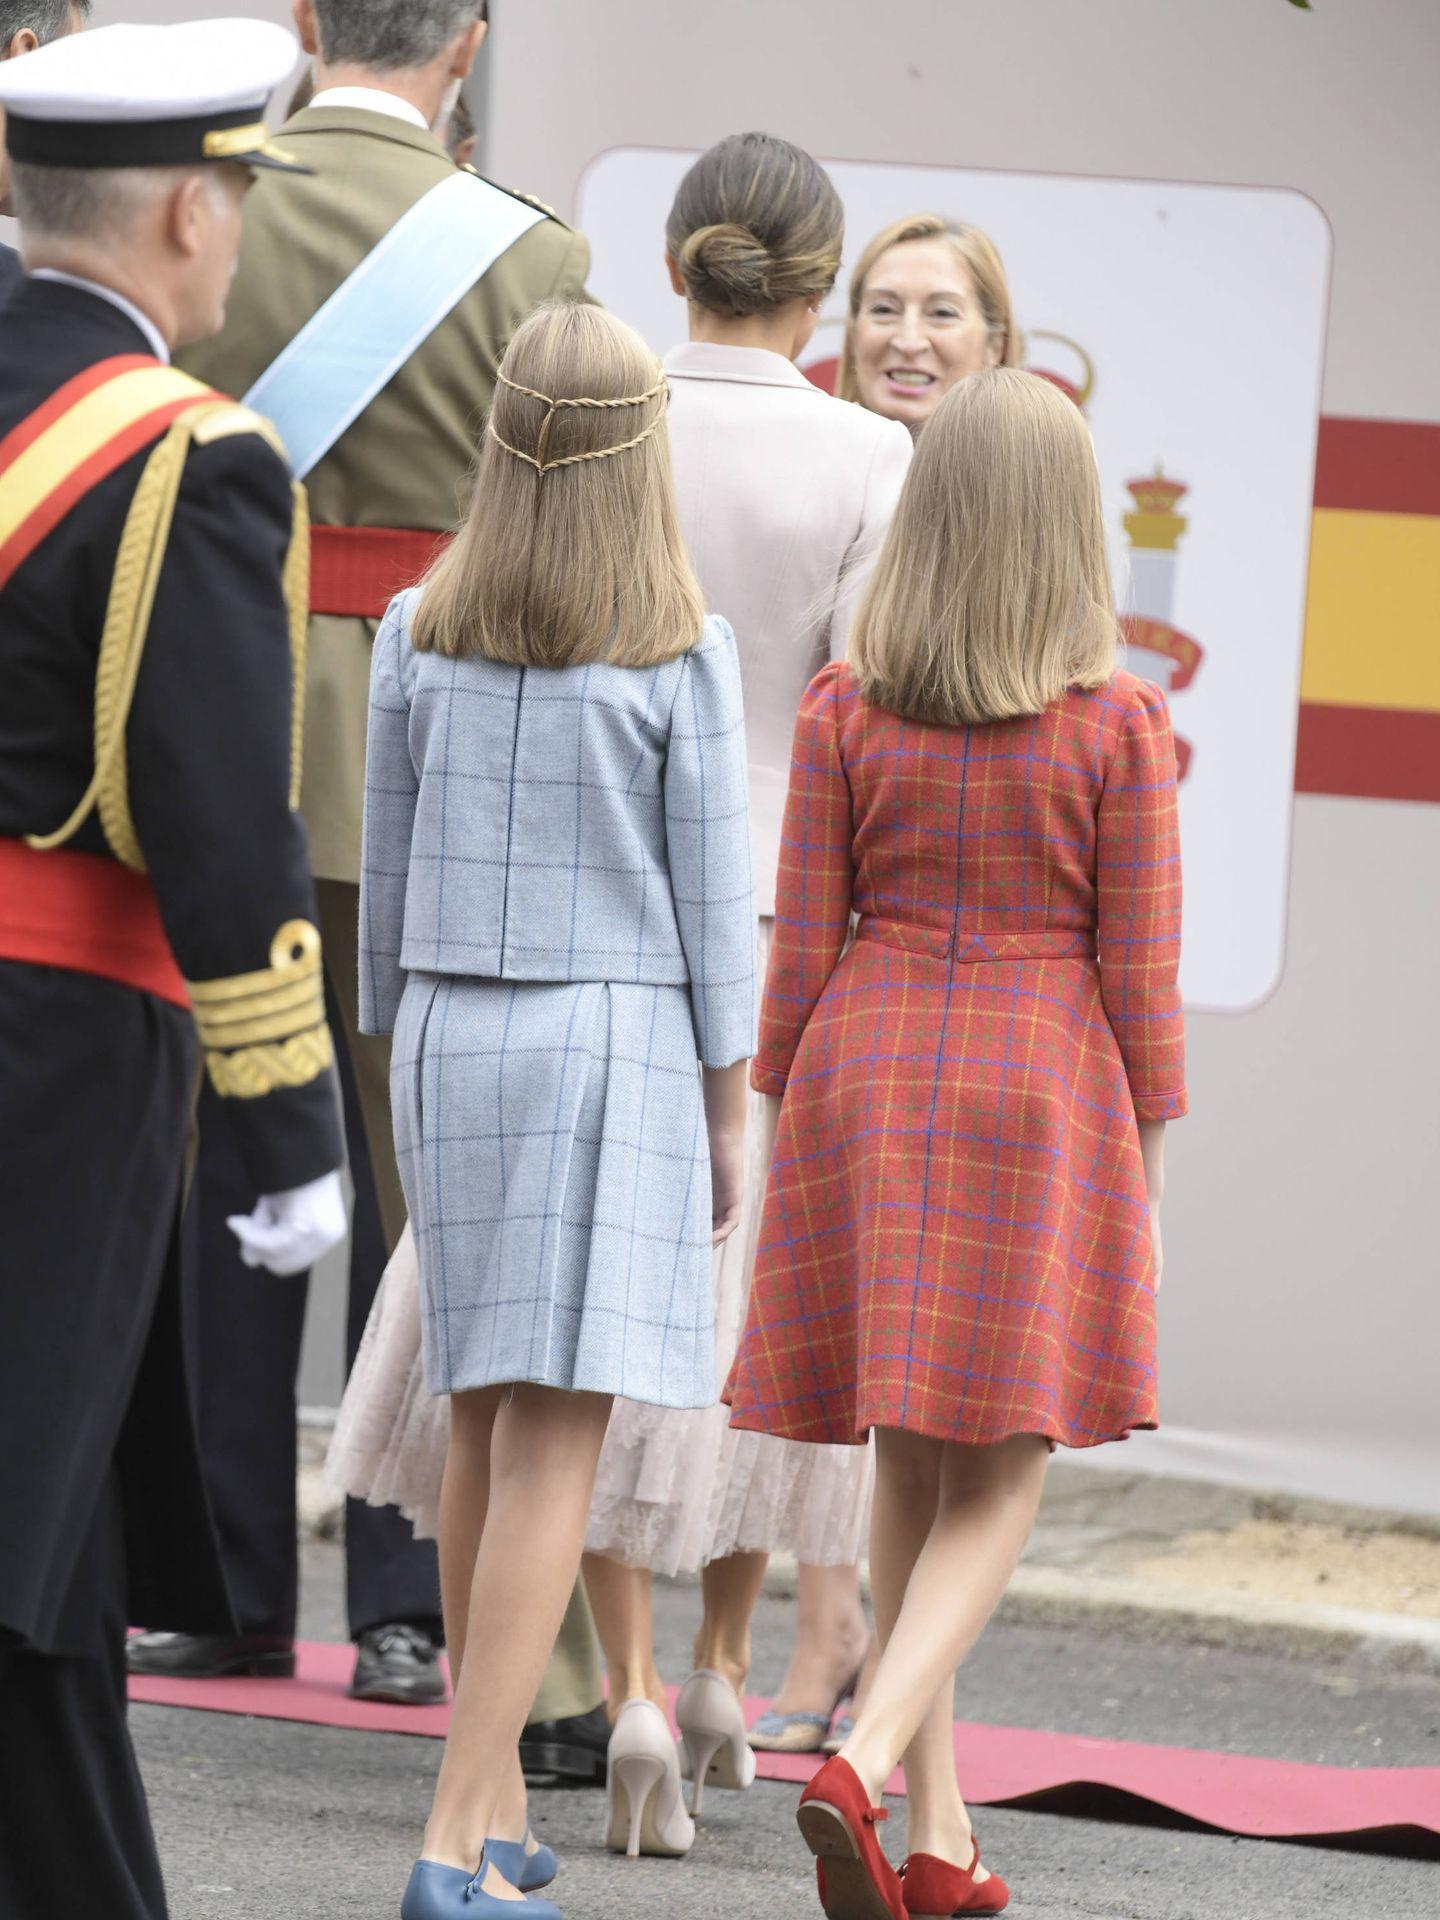 Detalle de las niñas de espaldas. (Reuters)